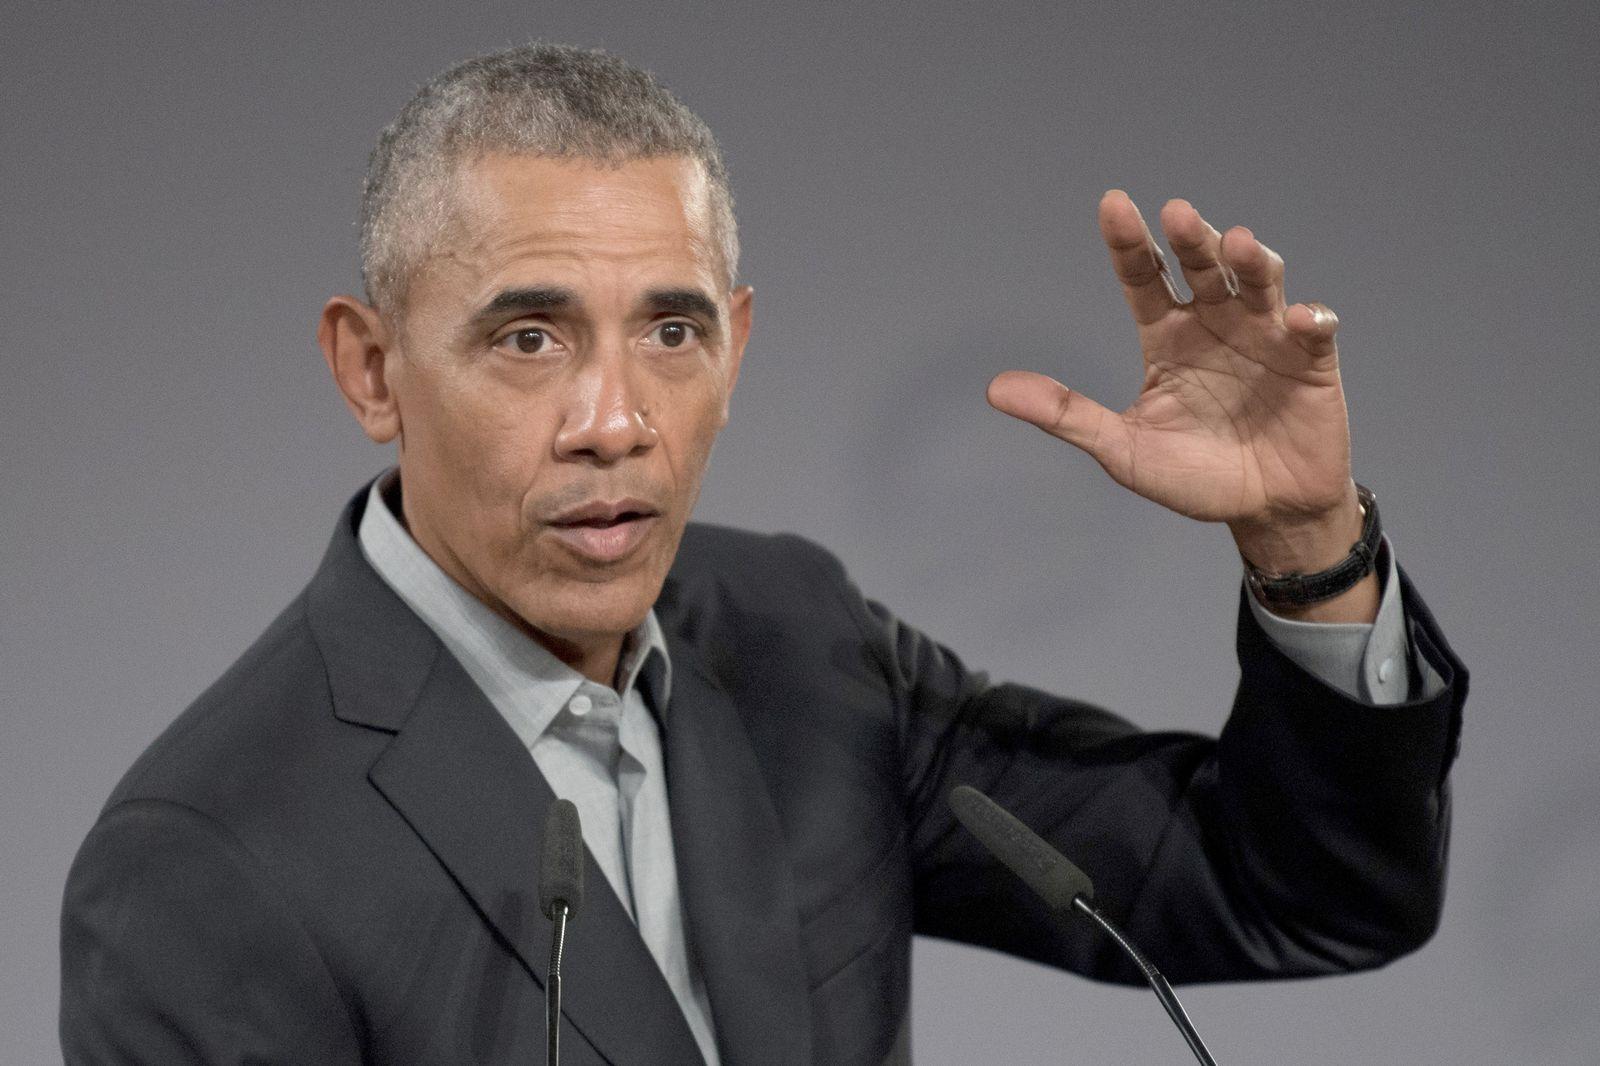 Obama verurteilt Sprache des Hasses